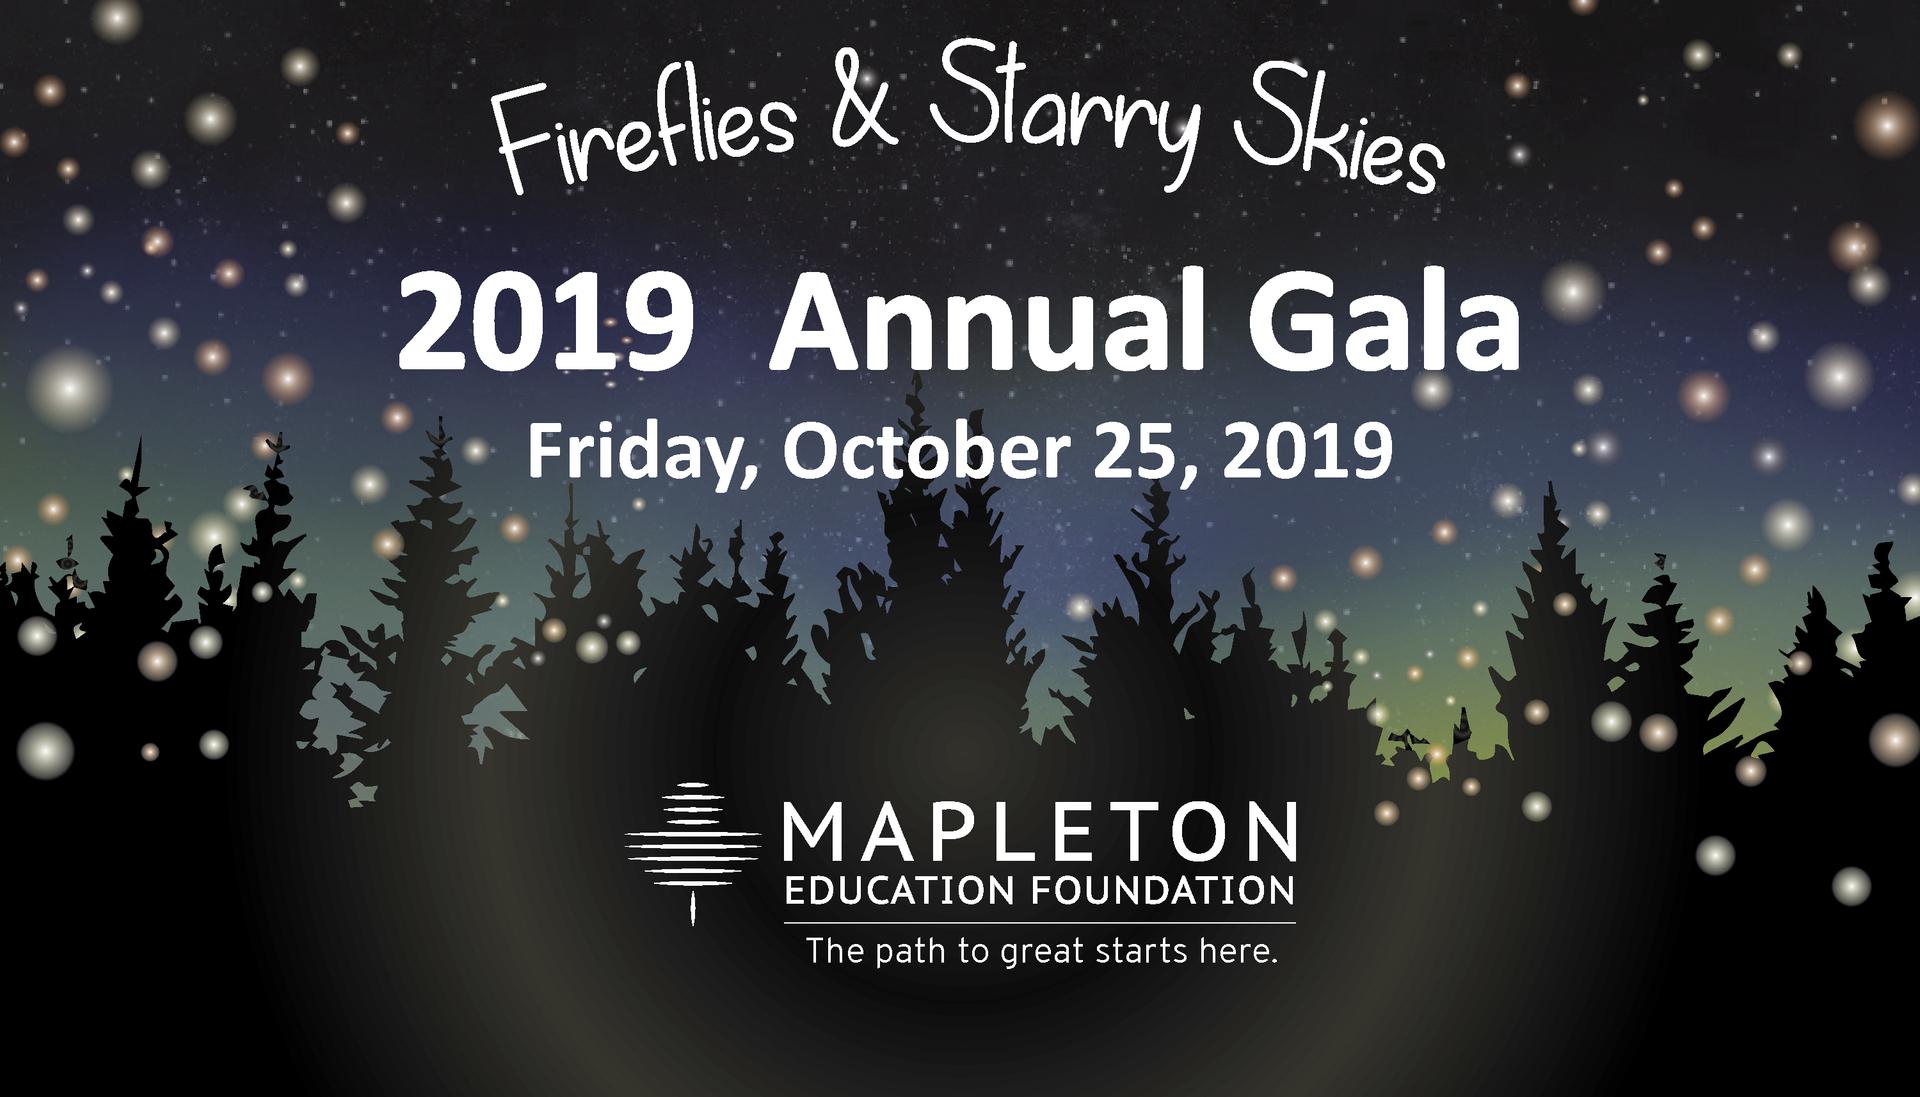 15th Annual Mapleton Education Foundation Gala